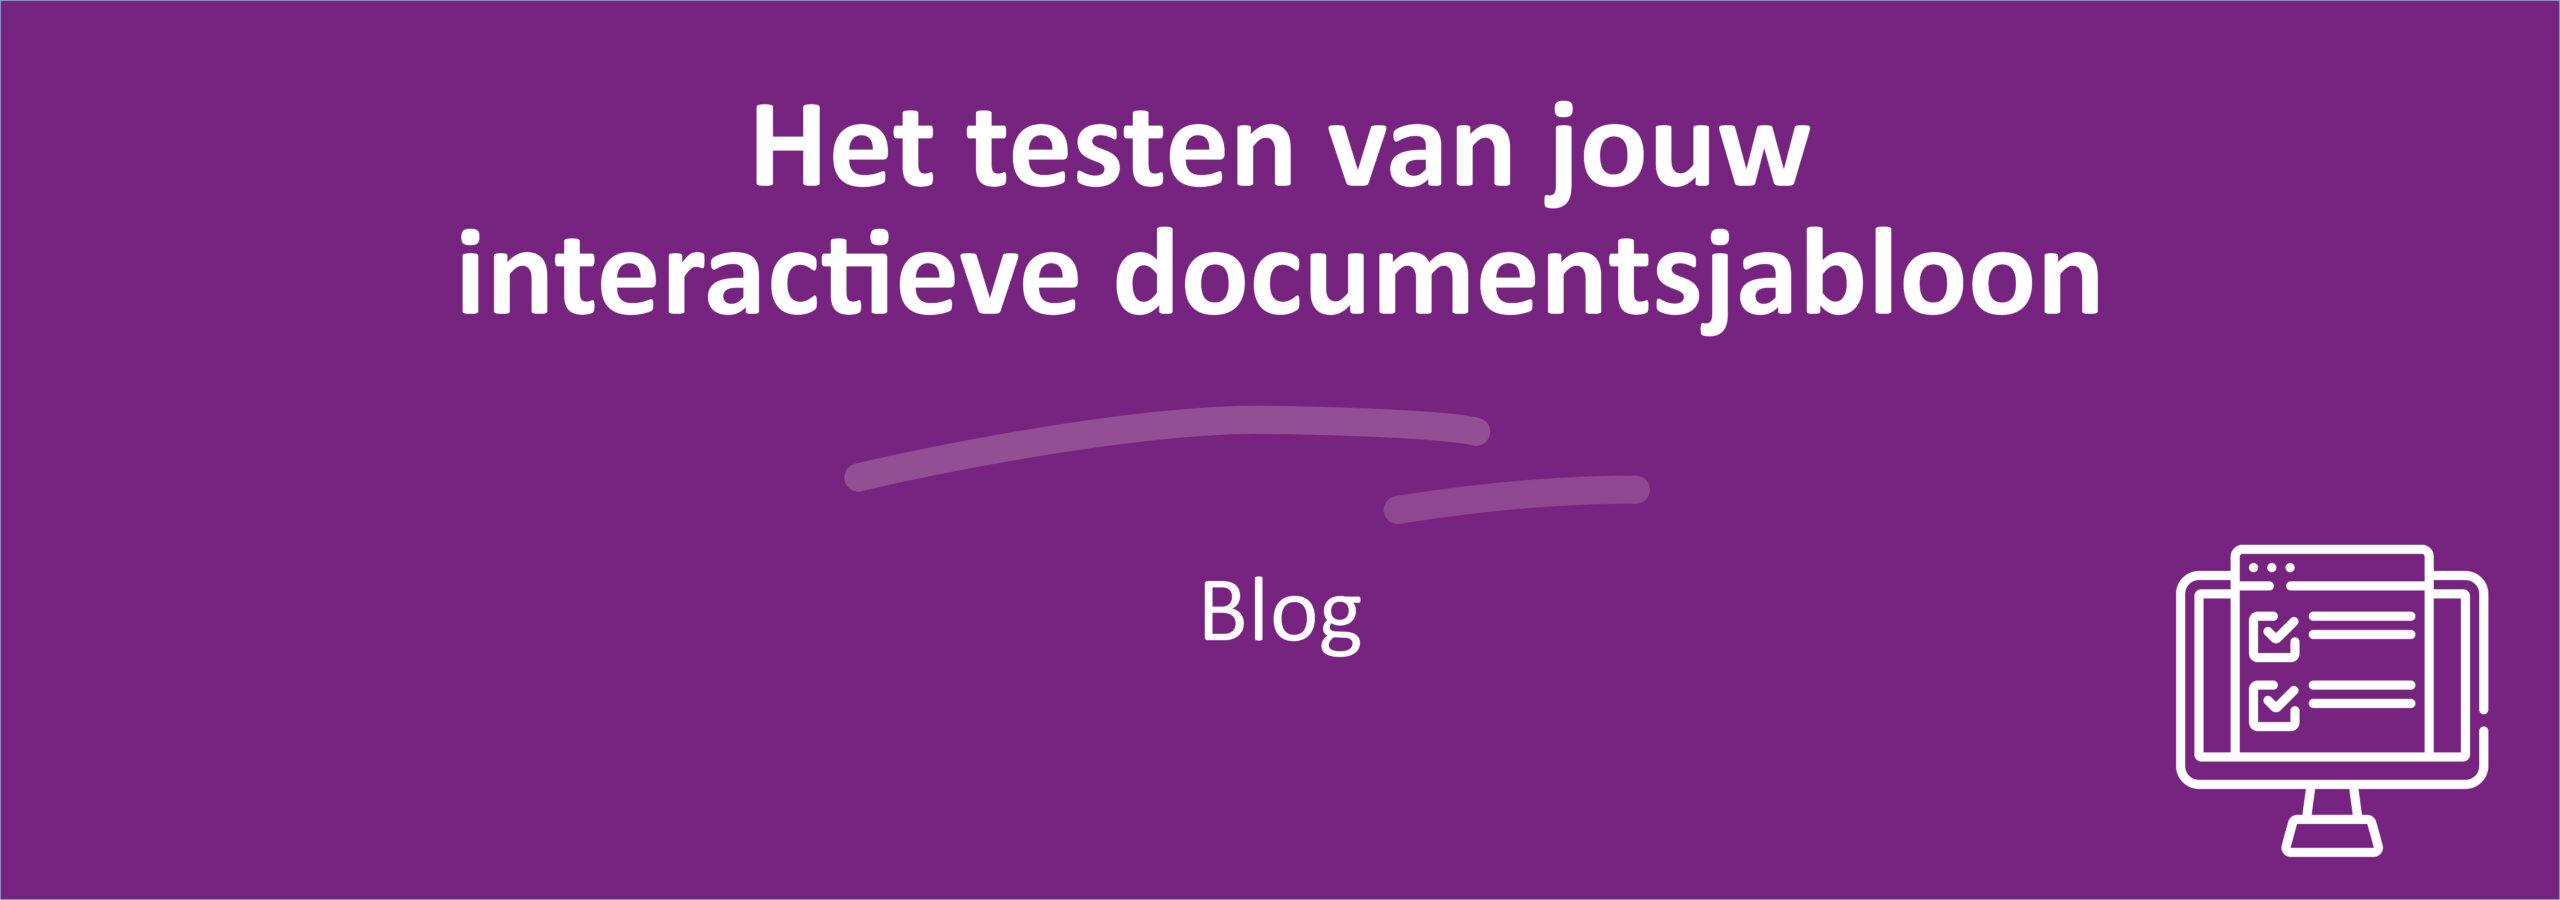 Het testen van jouw interactieve documentsjabloon